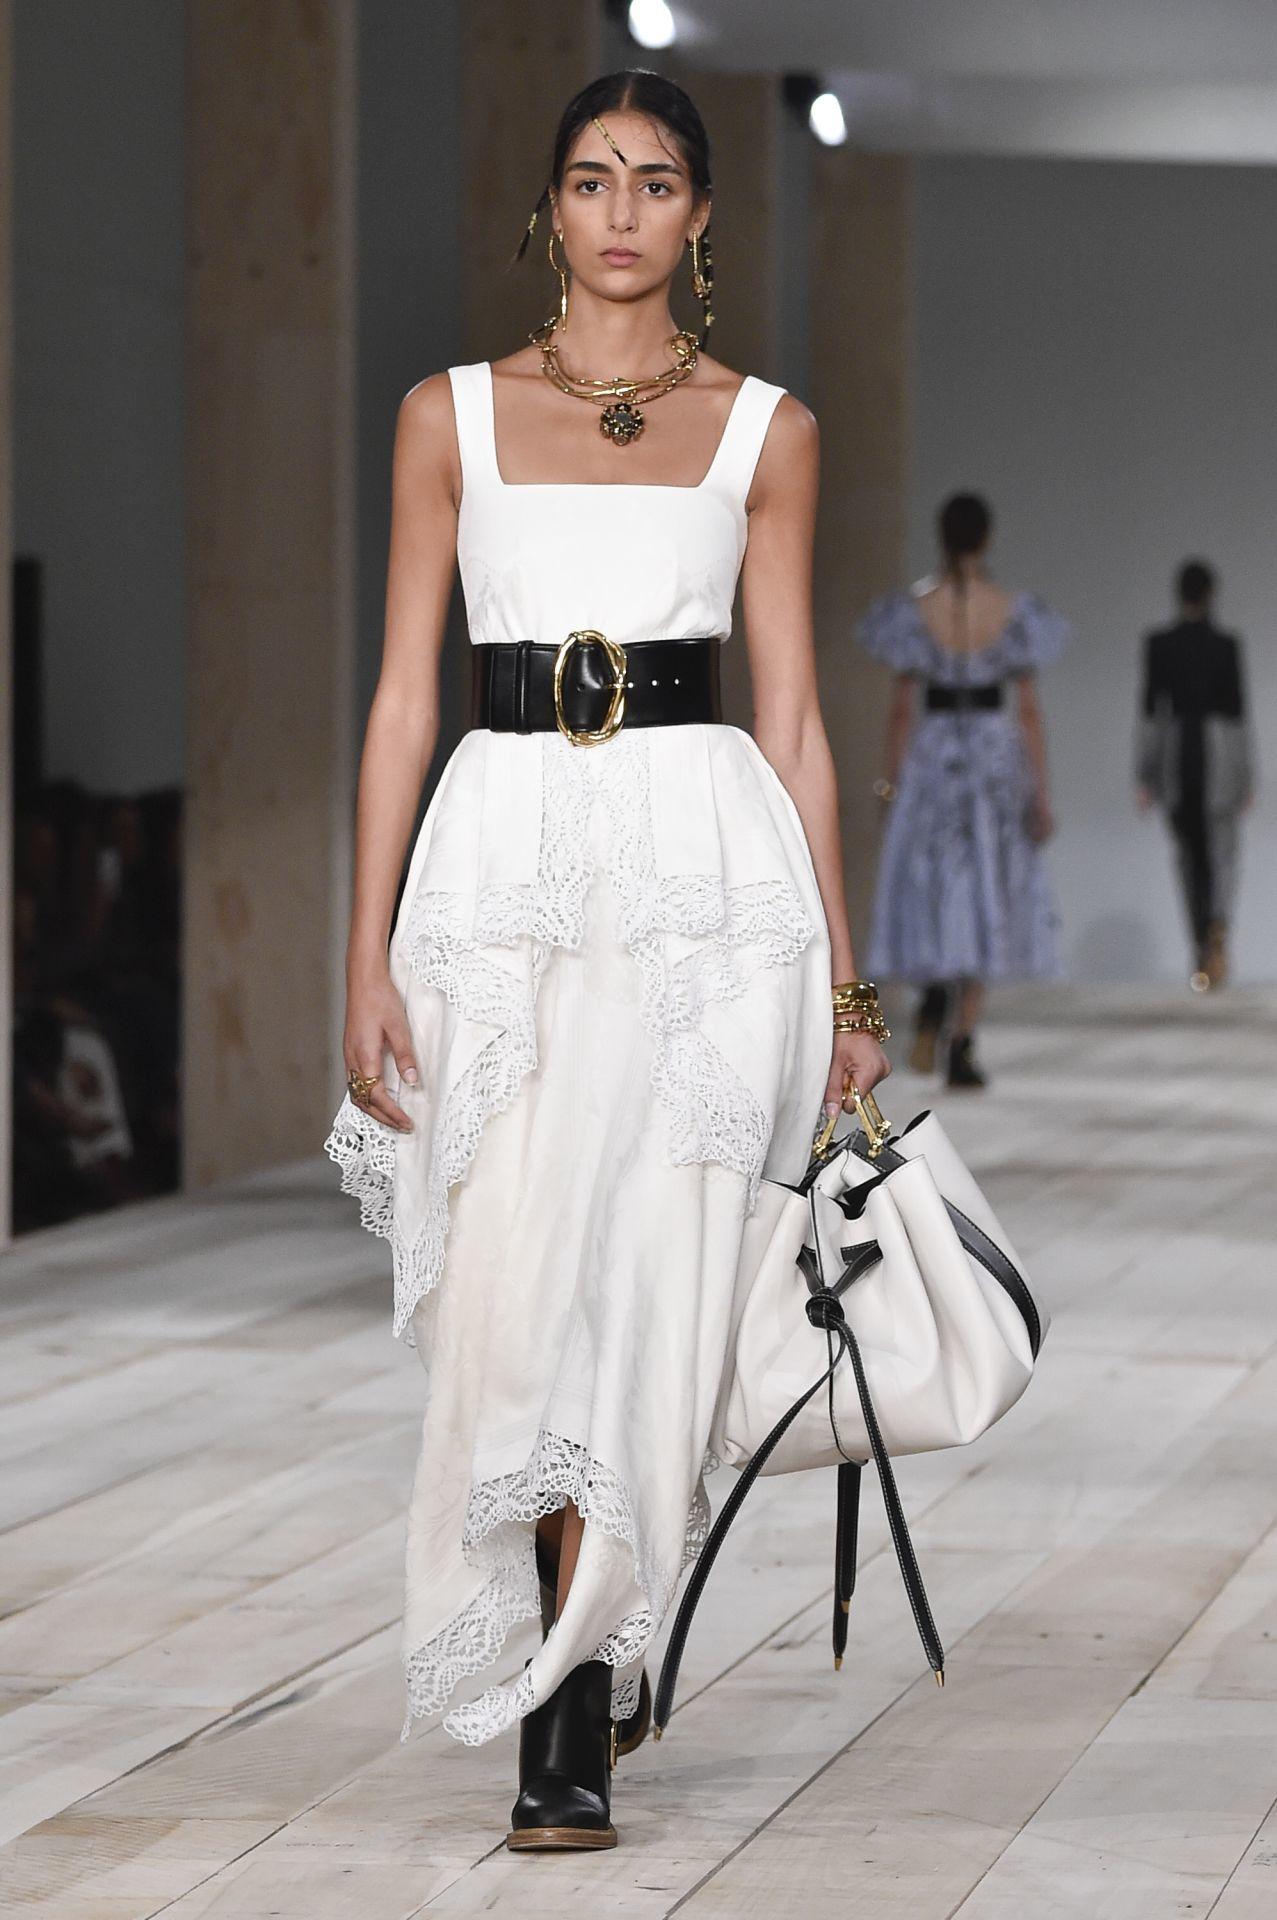 Vastag bőrövvel kombinált fehér ruha - Alexander McQueen